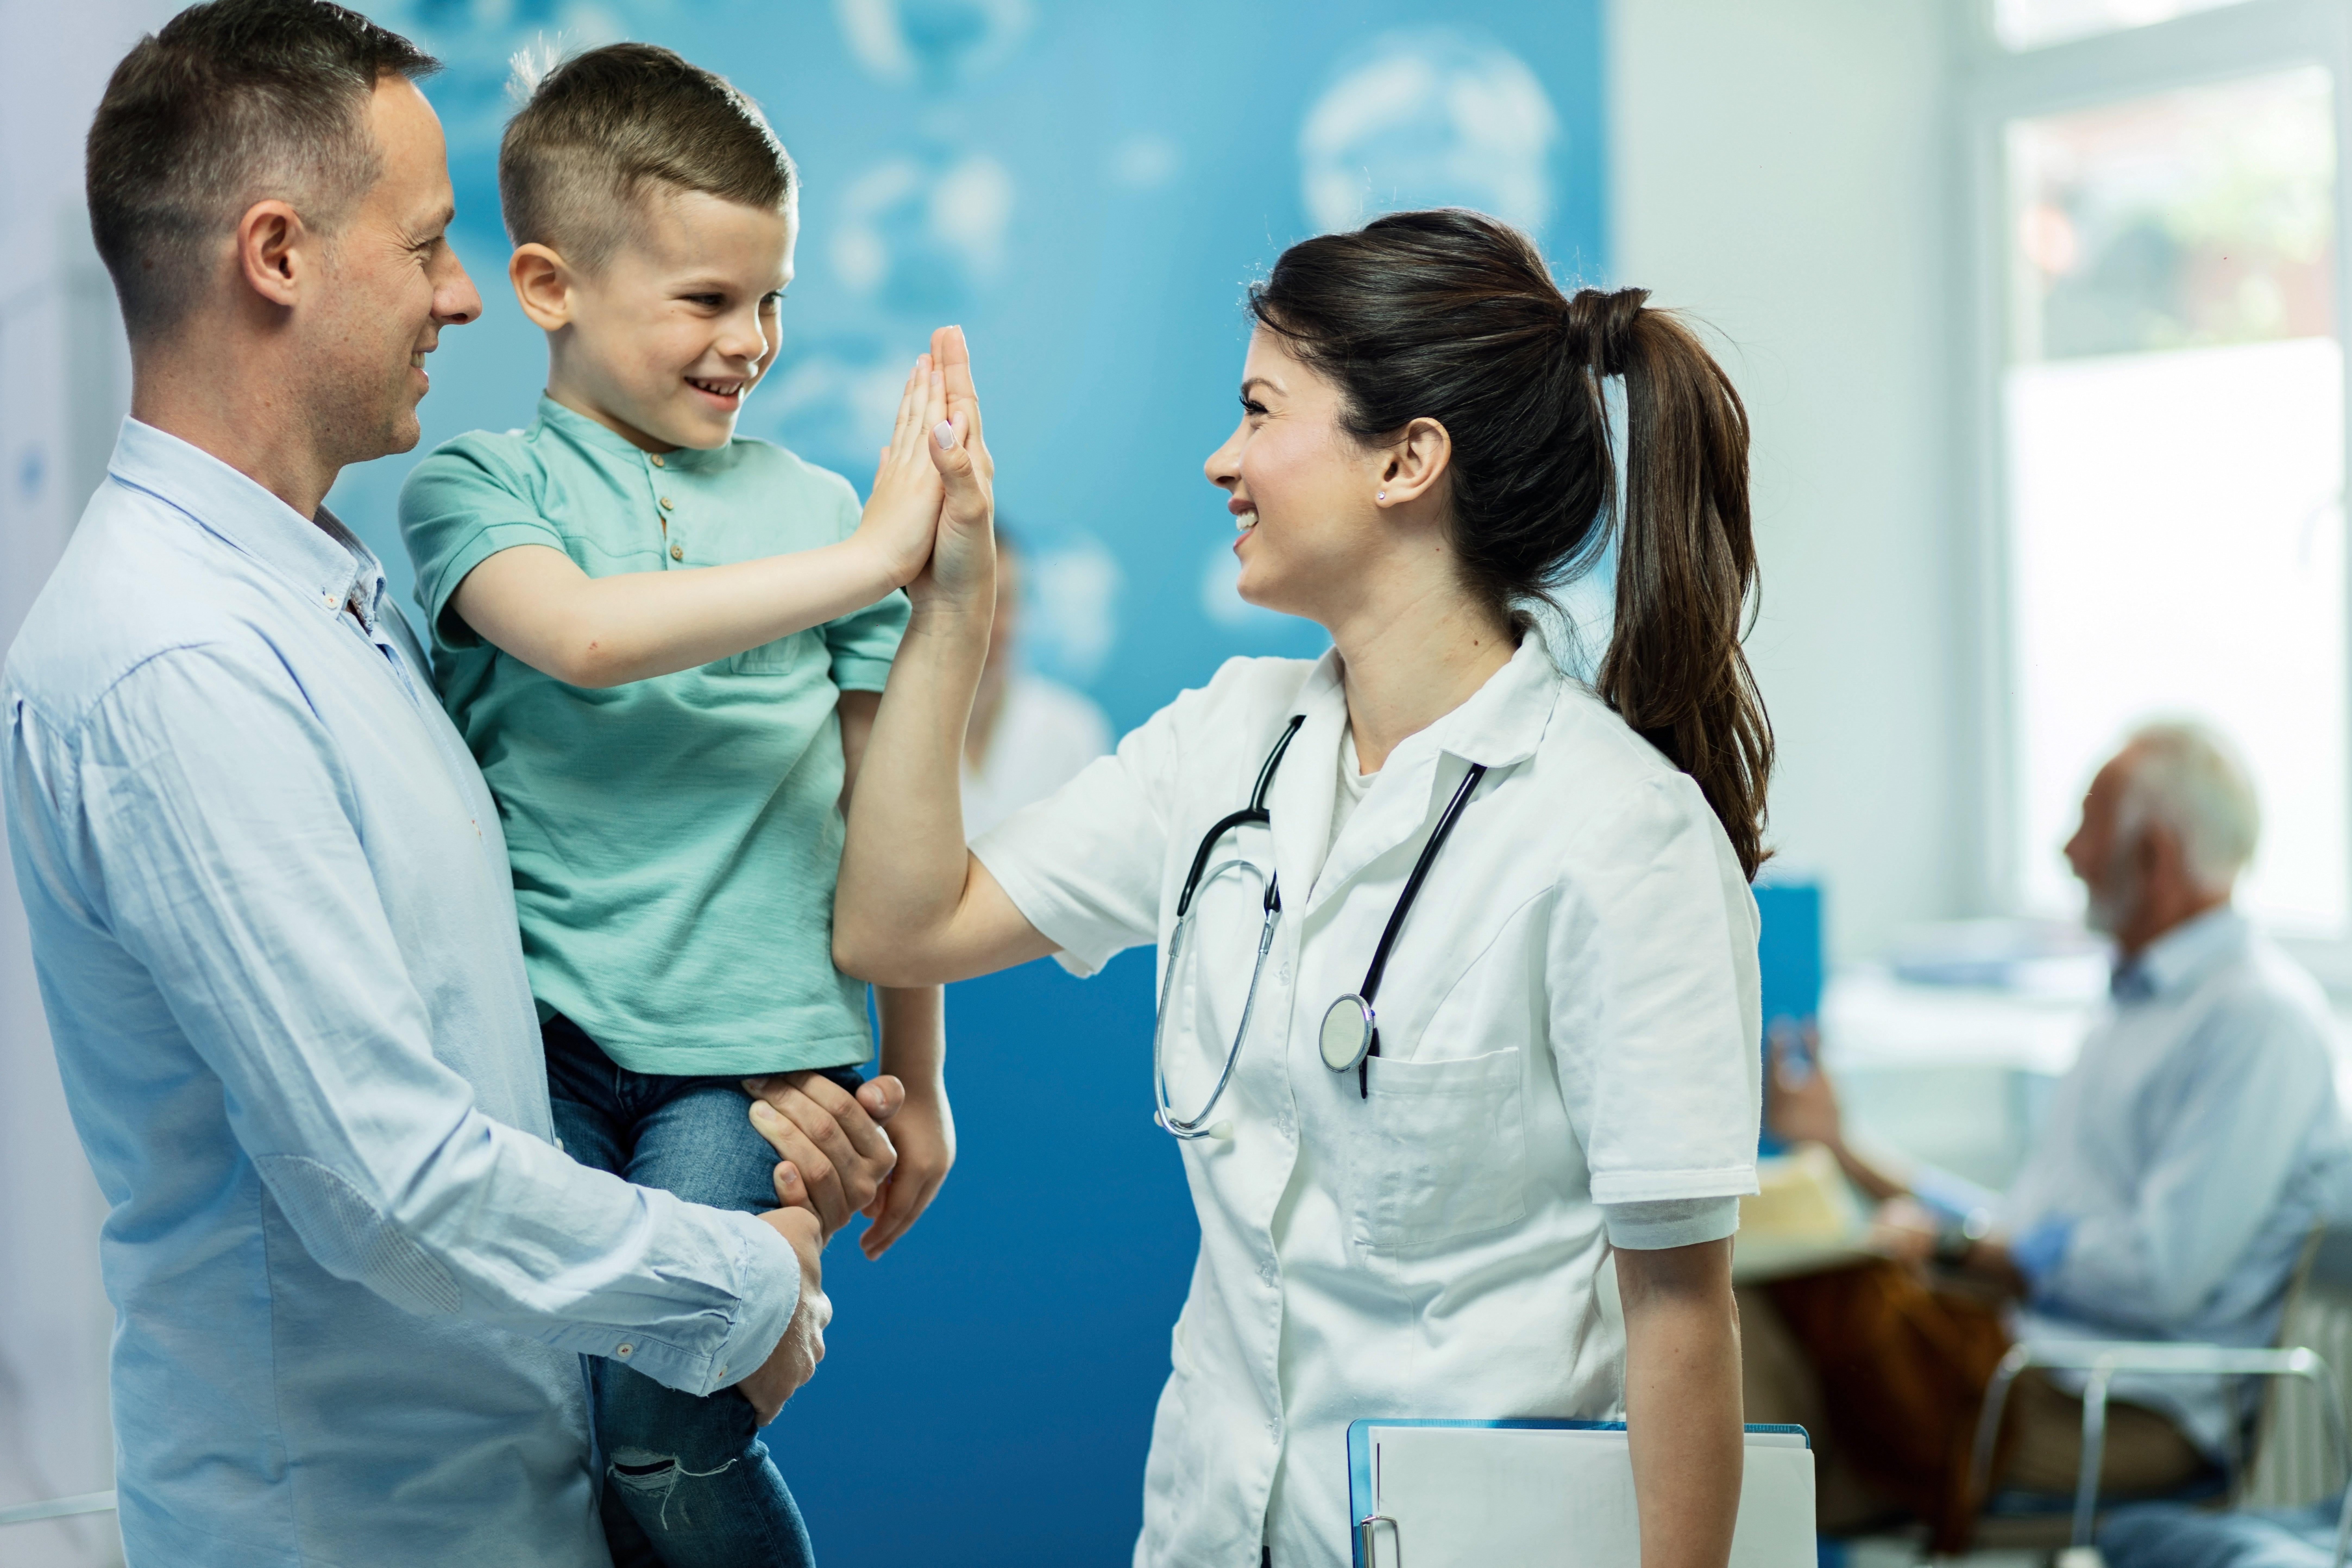 paciente en la consulta médica